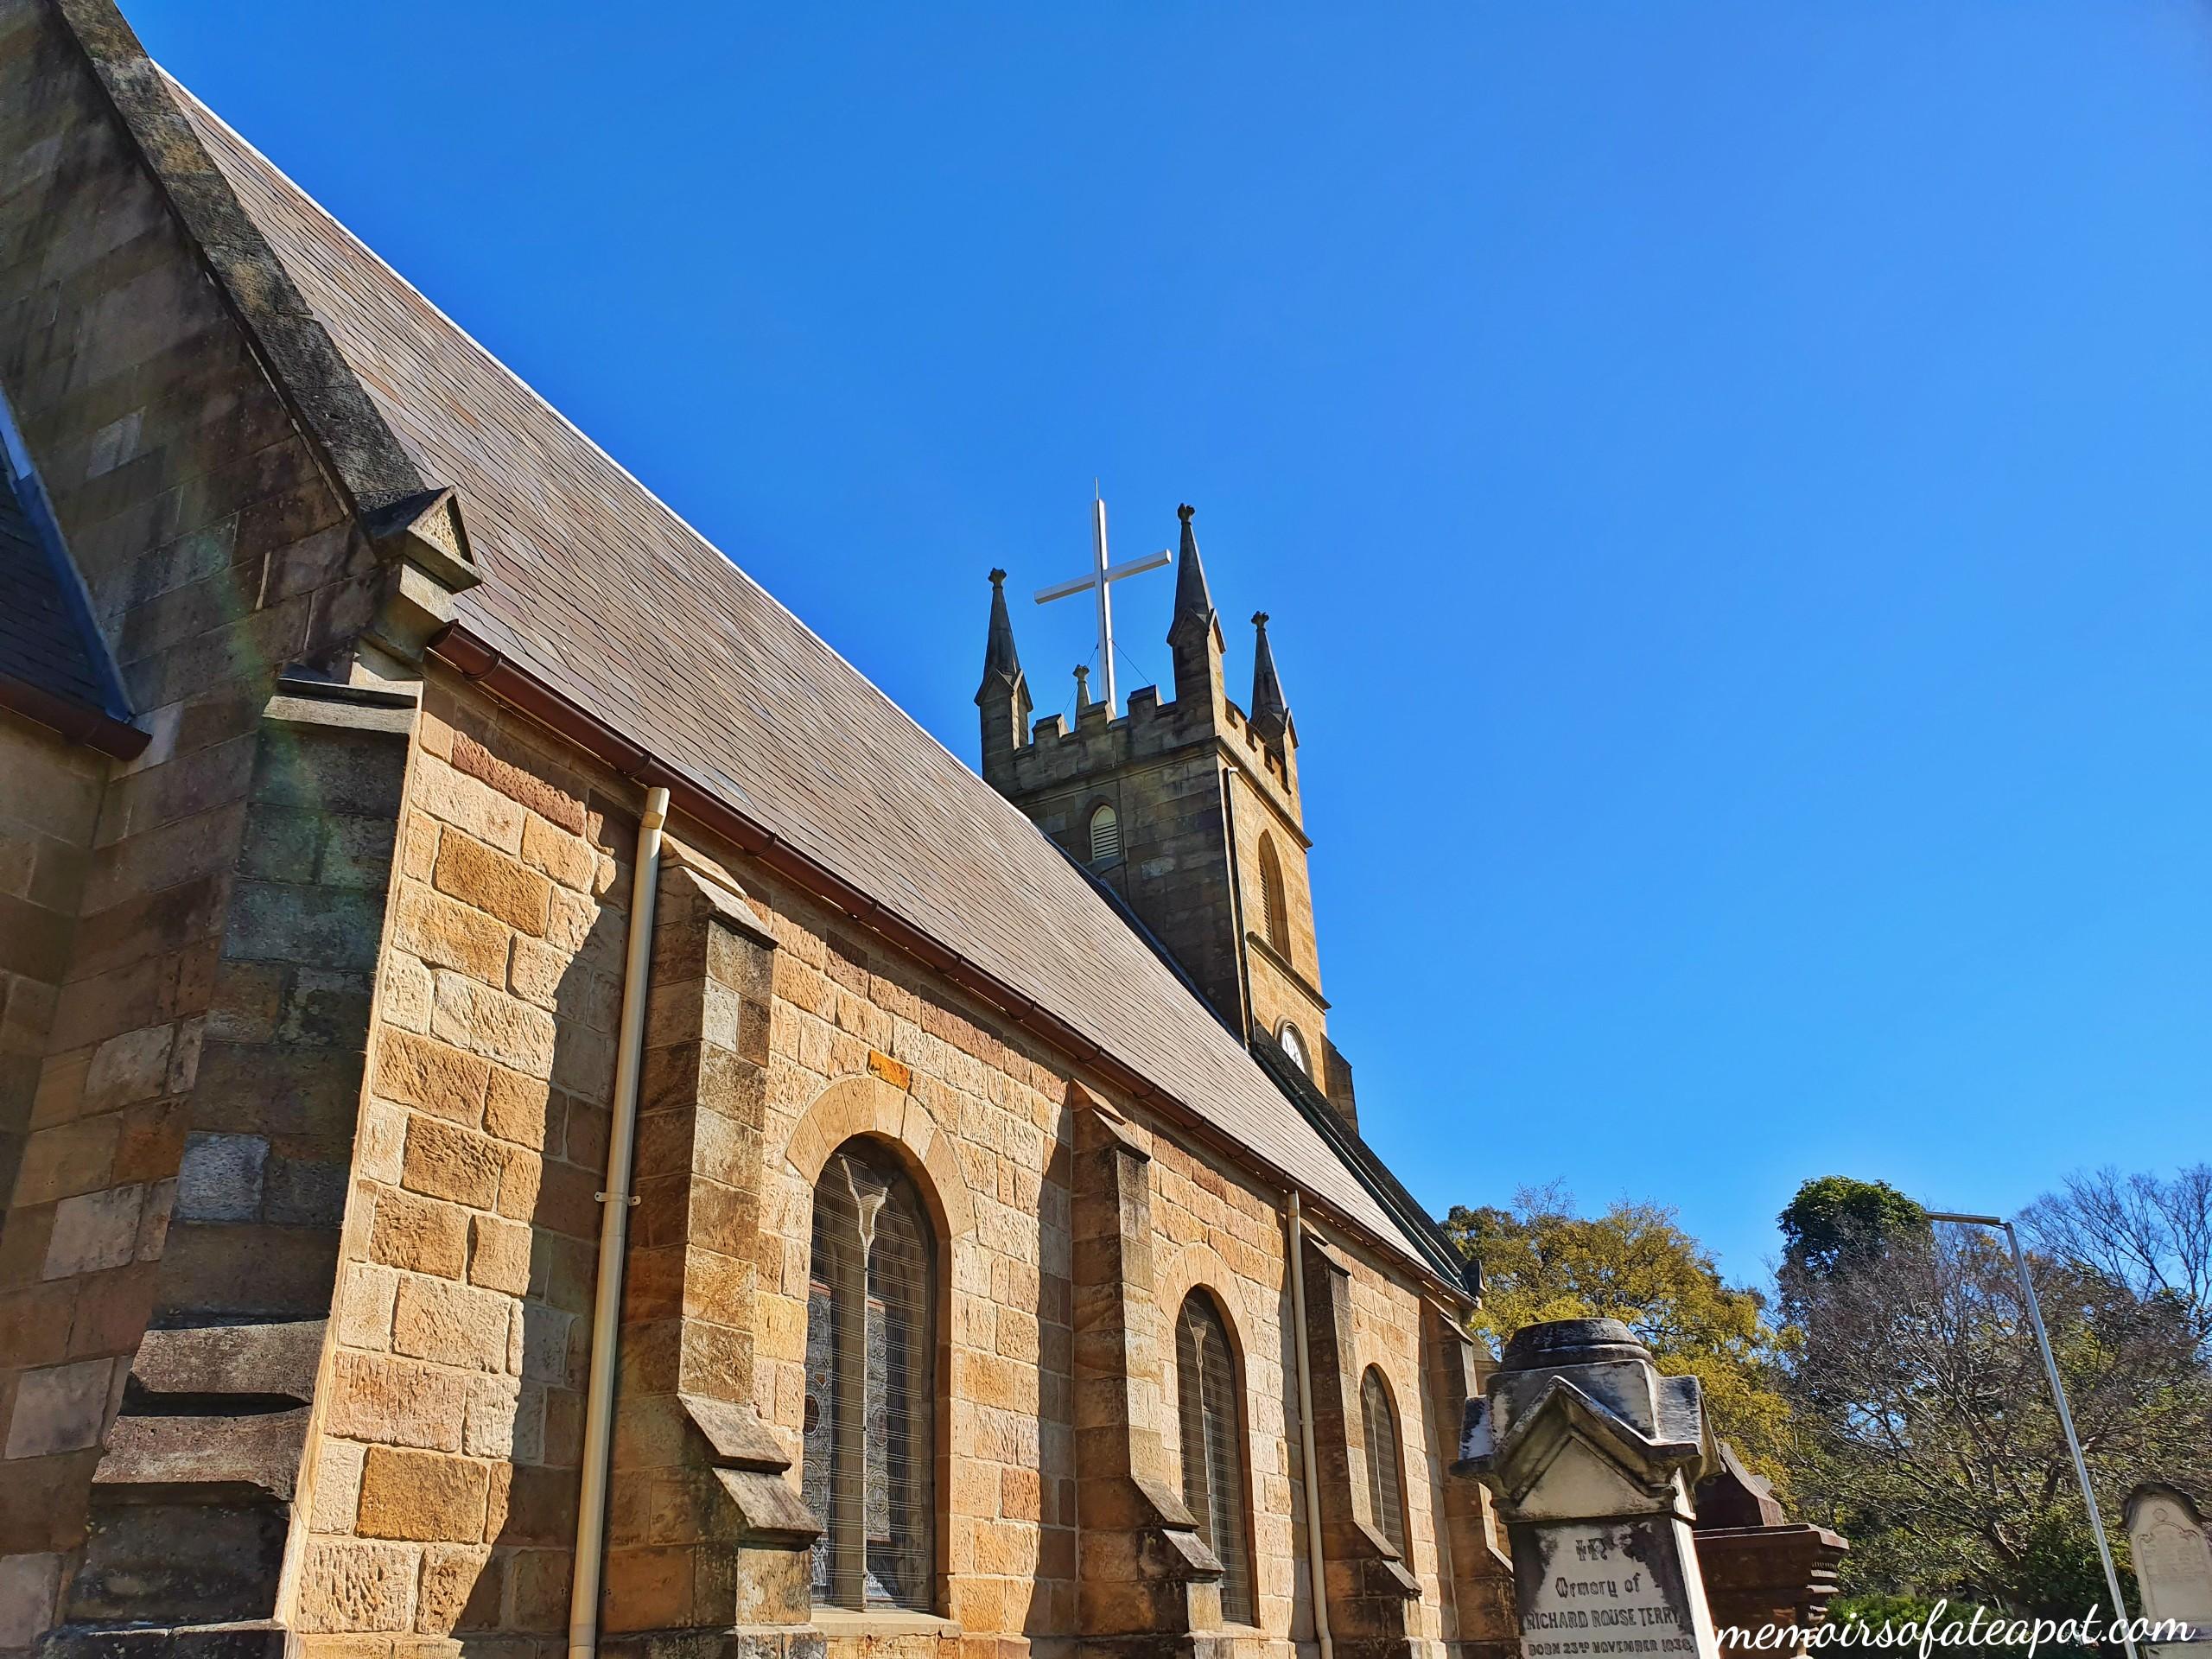 St Anne's Church Ryde